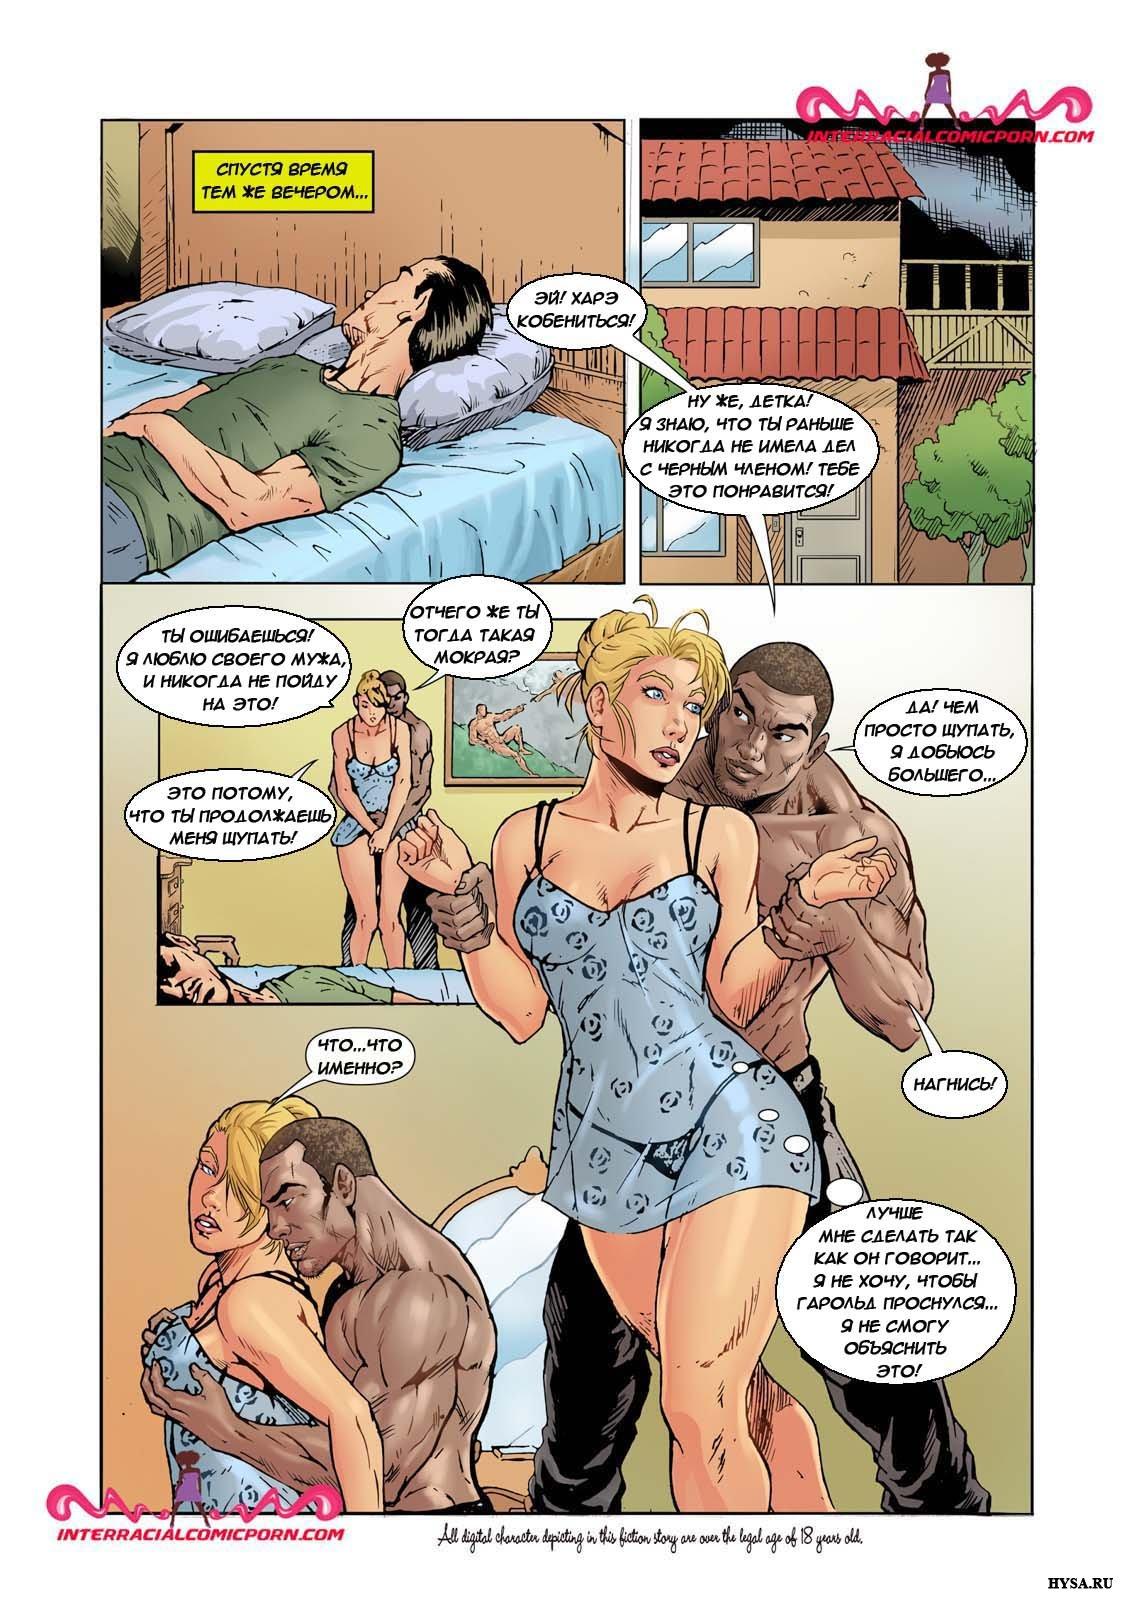 Смотреть порно комиксы трахает сестру жены бесплатно